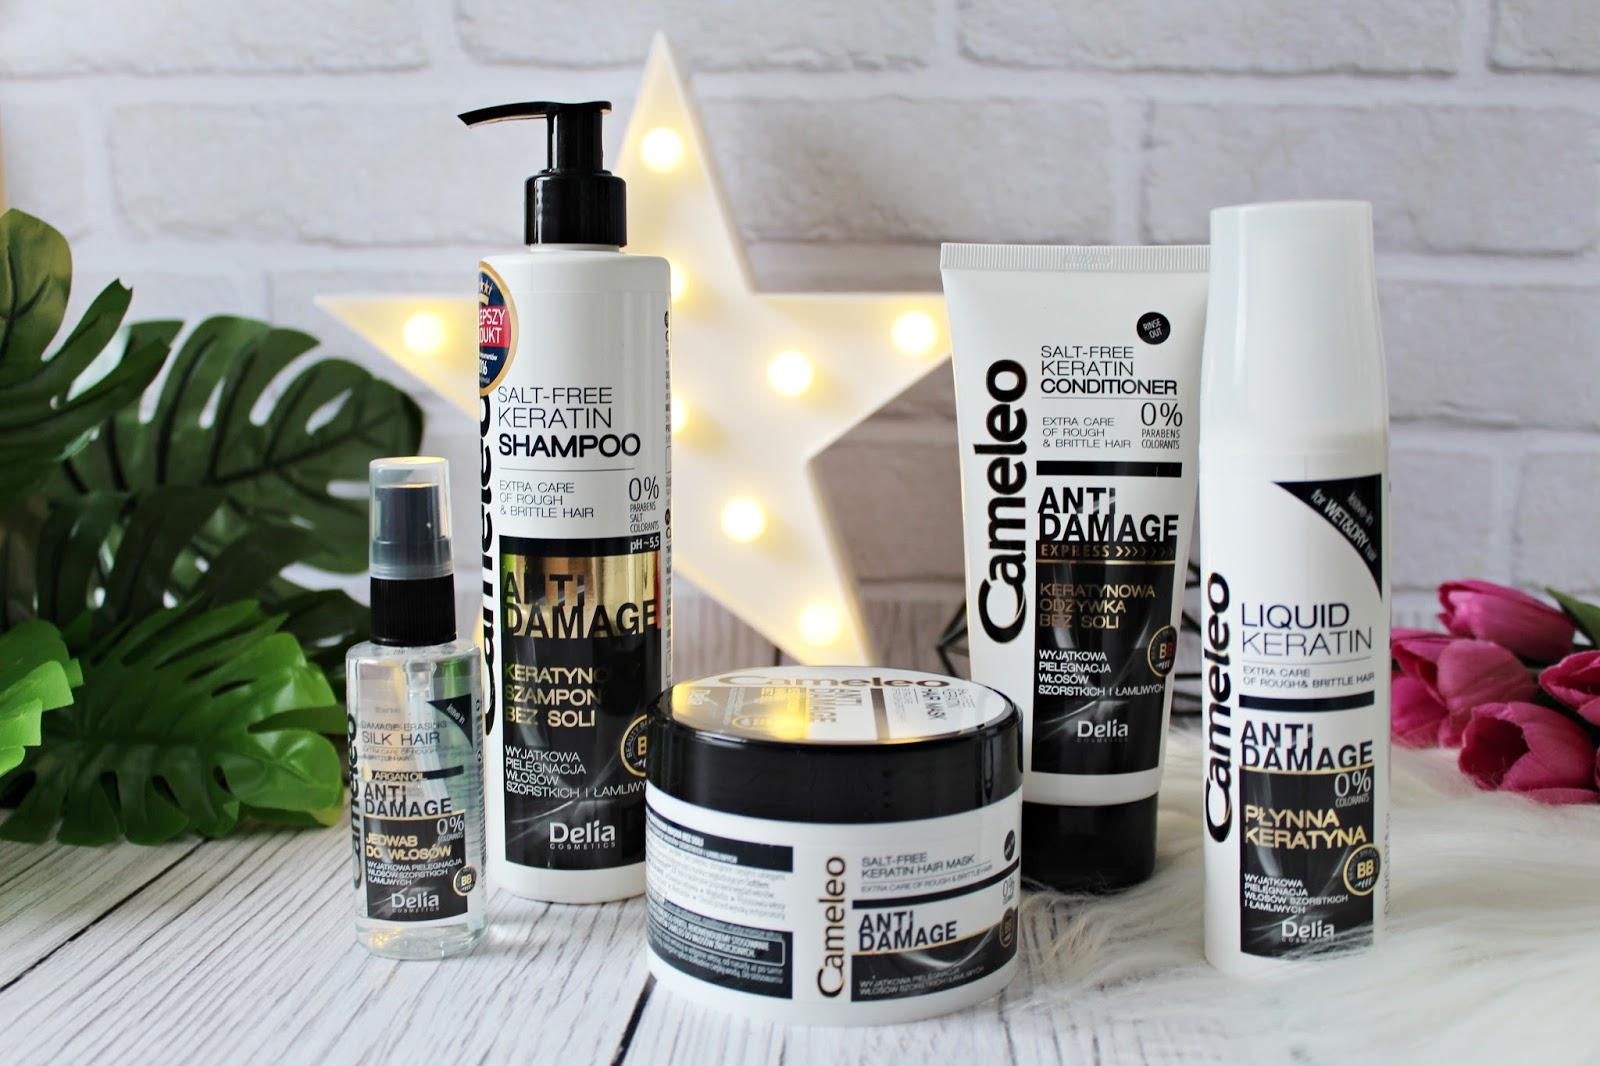 Zestaw do pielęgnacji włosów z keratyną bez soli DELIA Cameleo ANTI DAMAGE